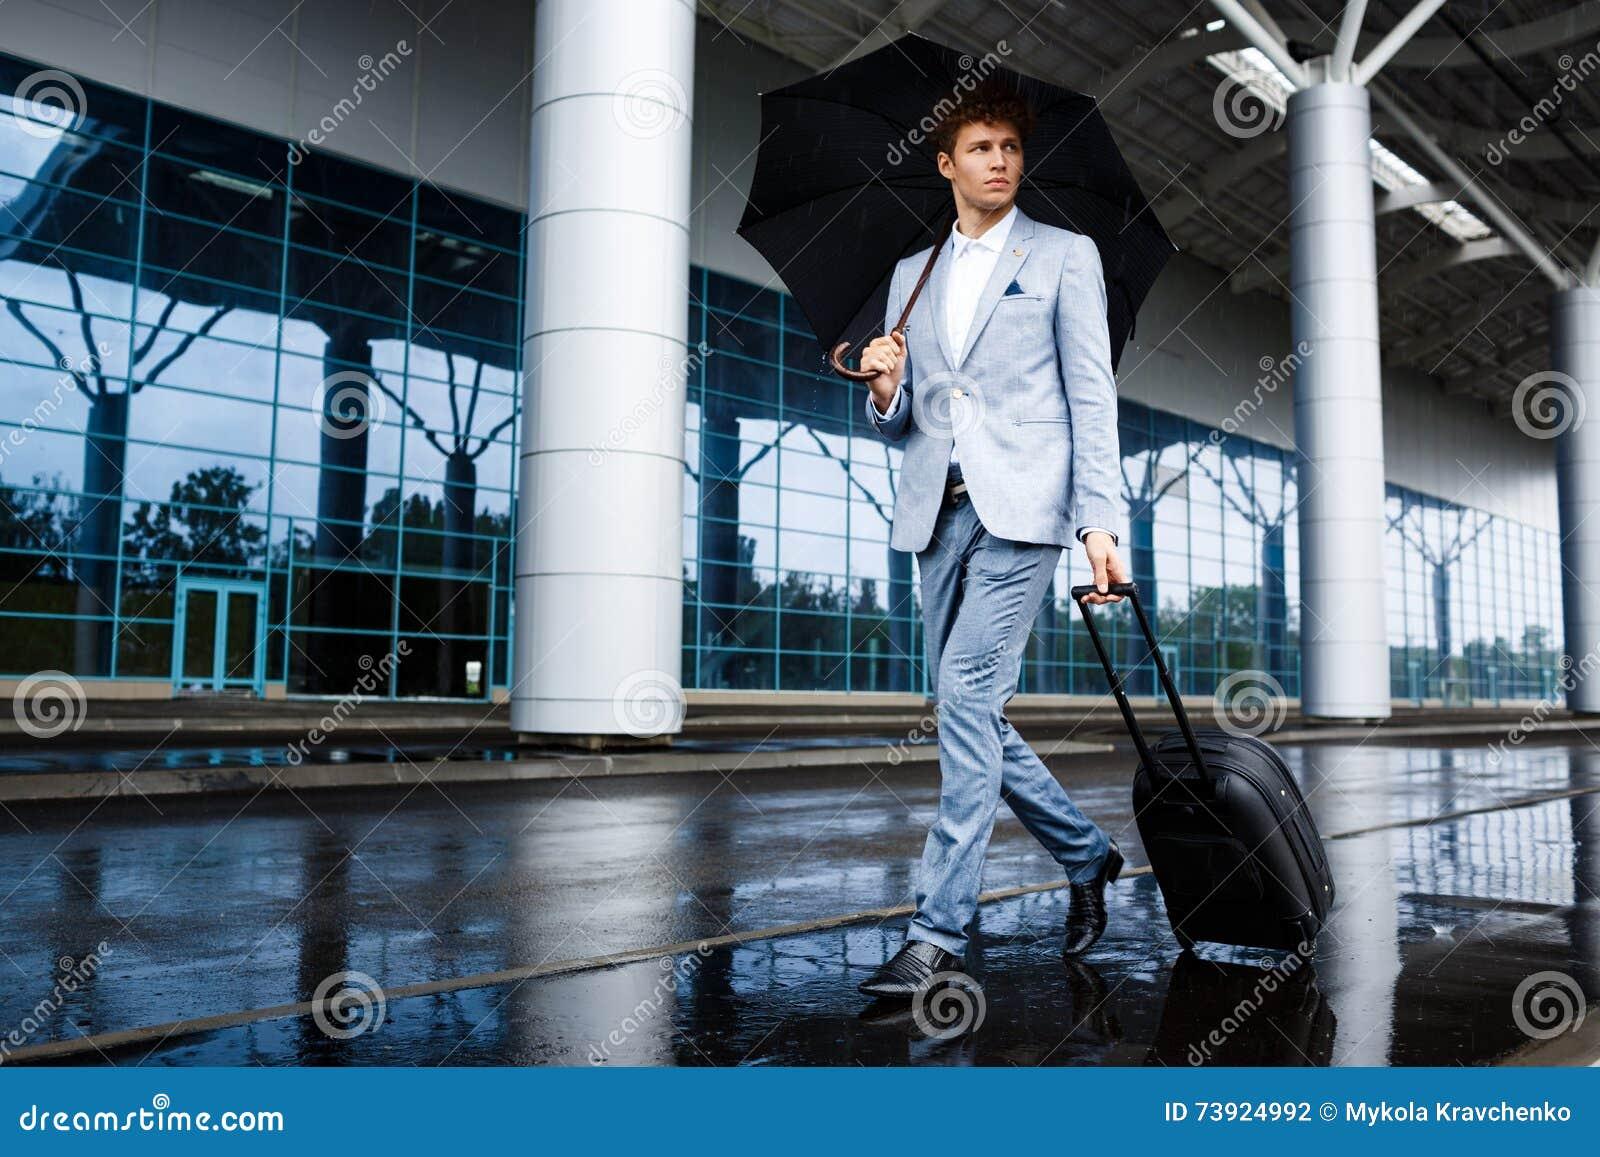 Beeld van jonge redhaired zakenman zwarte paraplu houden en koffer die in regen bij luchthaven lopen